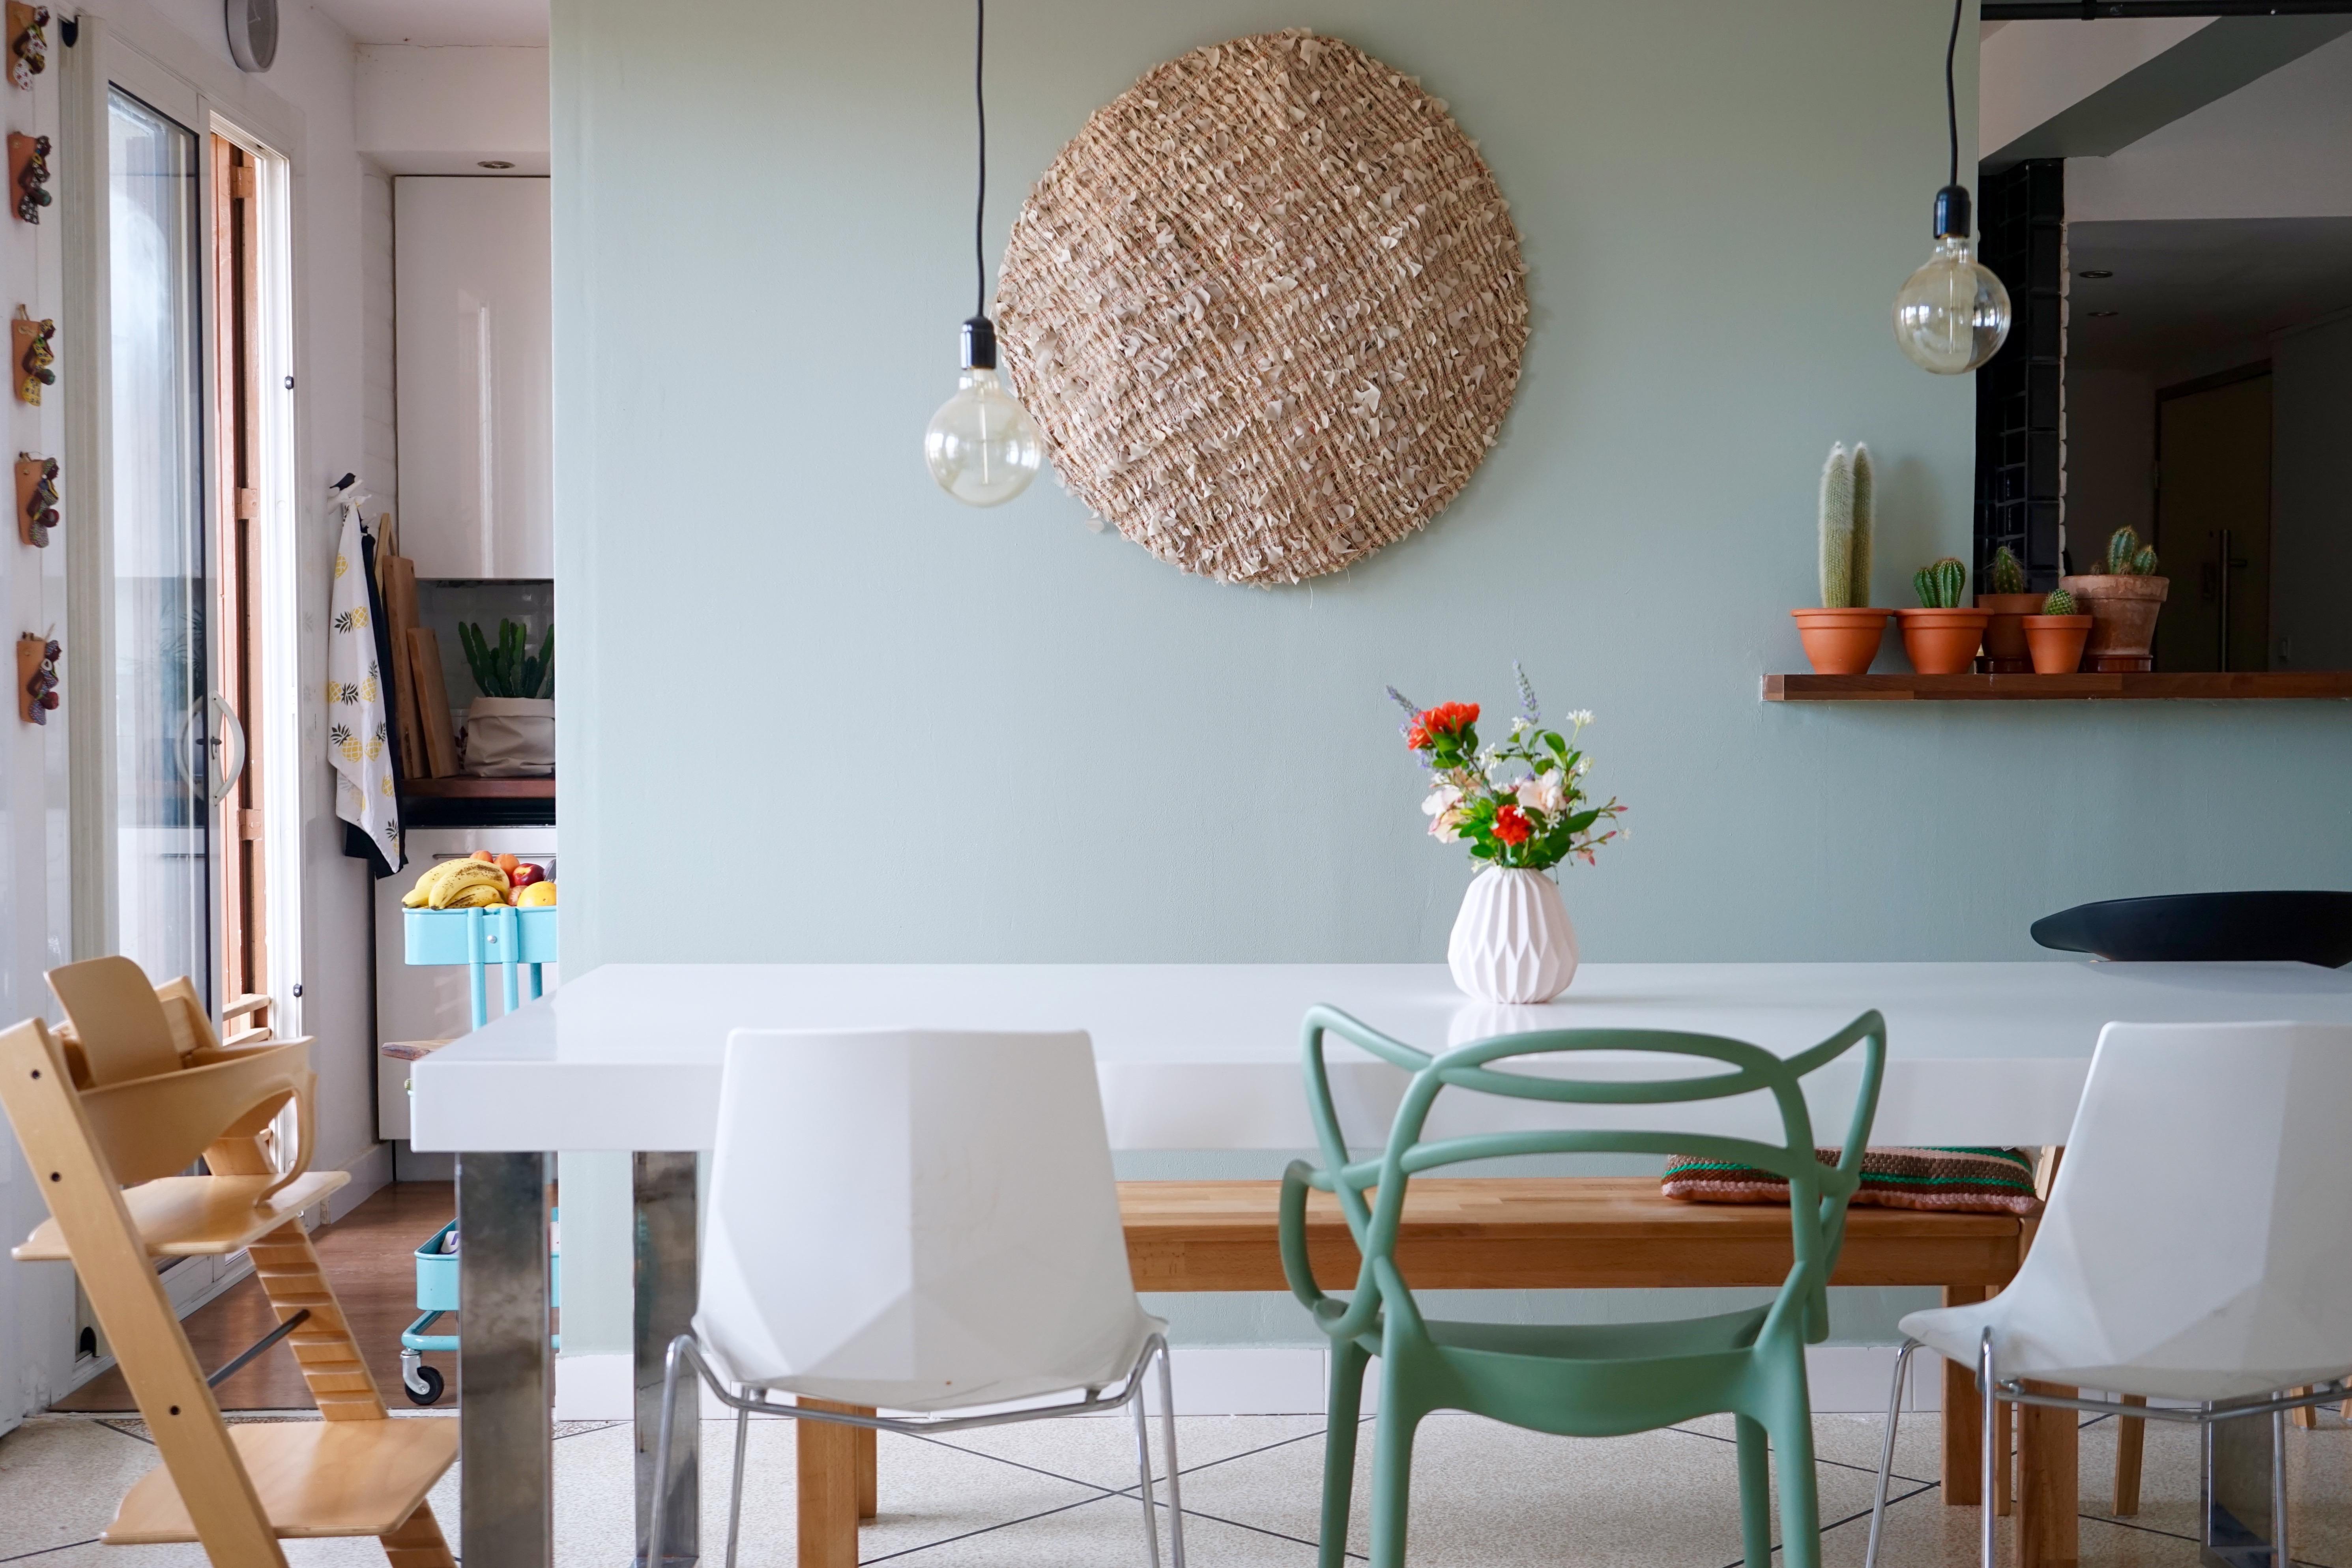 Association Couleur Peinture Salon Salle À Manger avant-après : mon mur et mon séjour changent de couleur